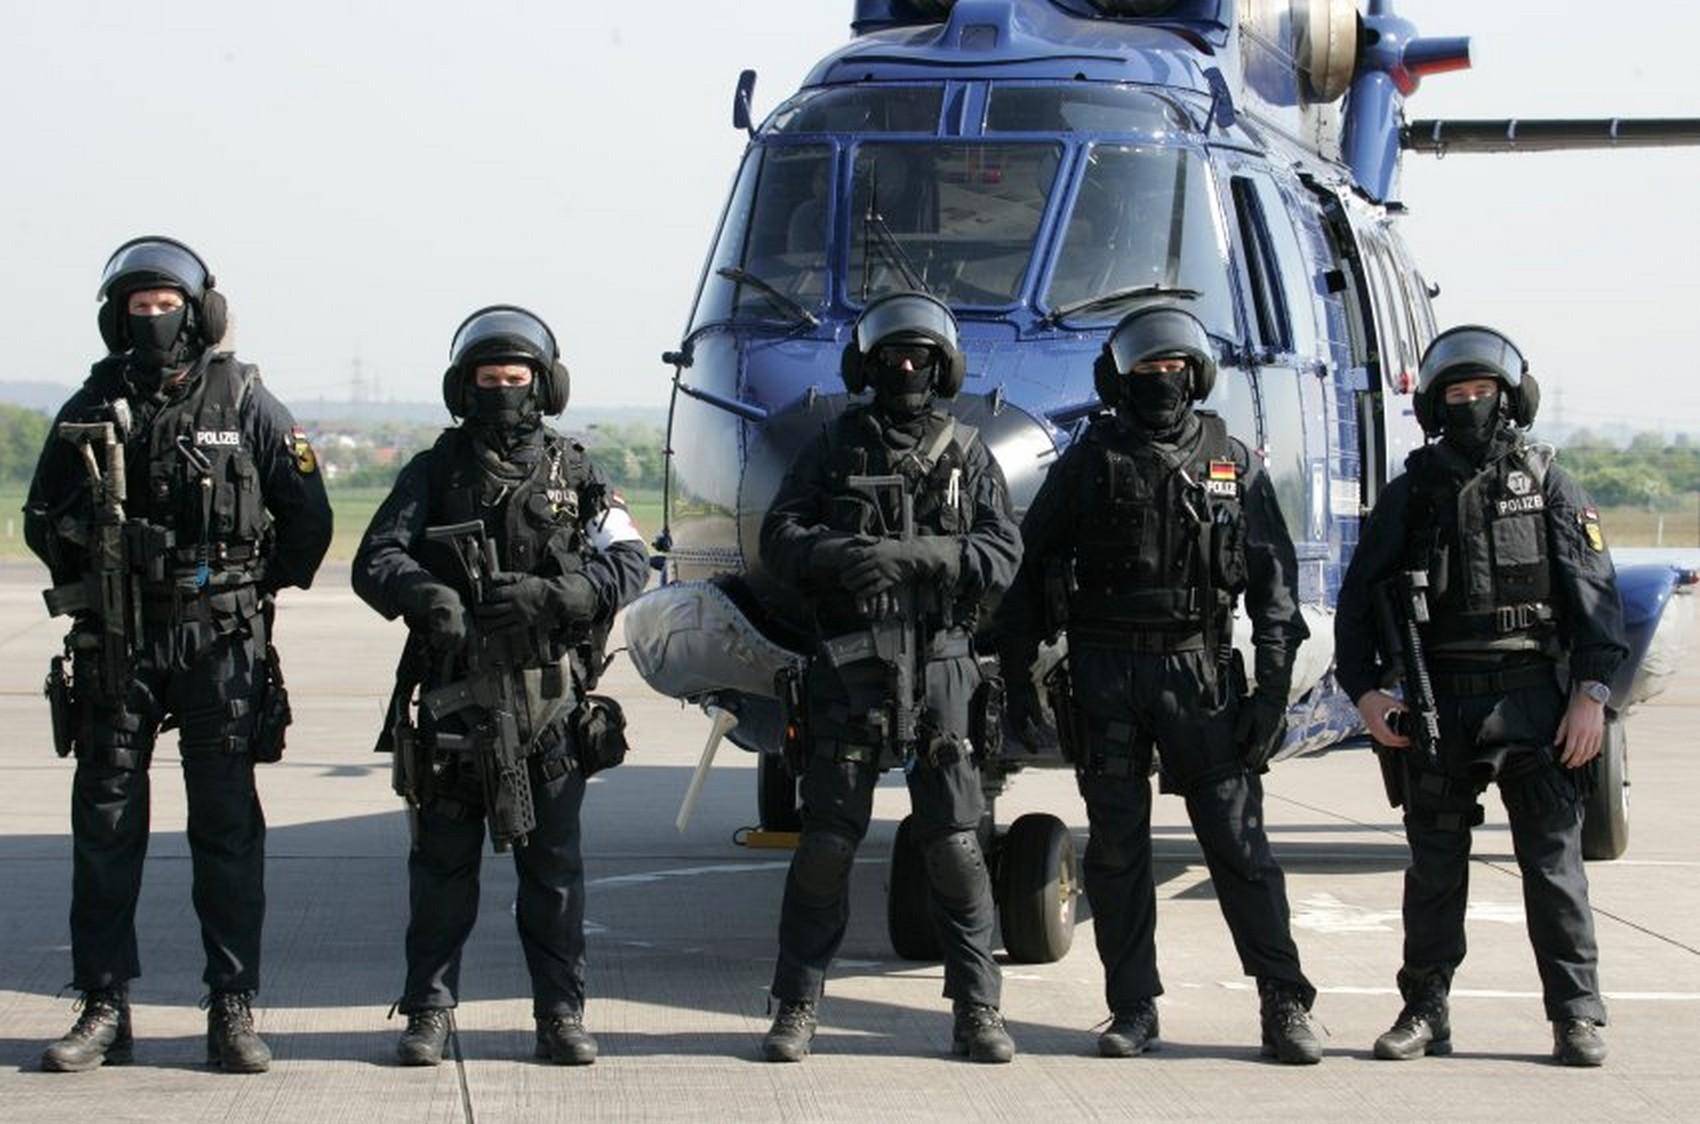 Fuerzas Especiales del mundo. GSG-9